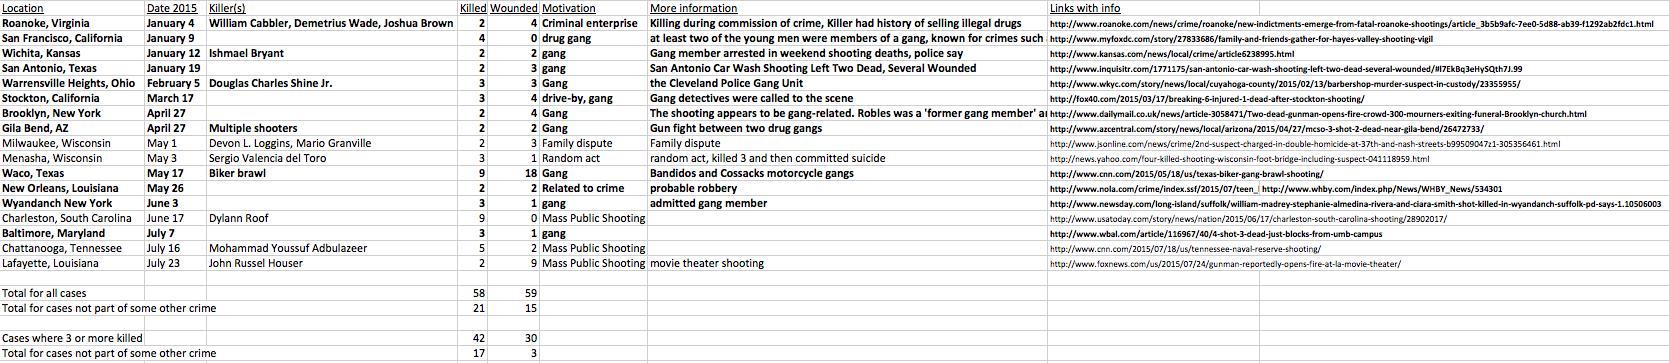 Mass Public Shootings so far in 2015 July 26th